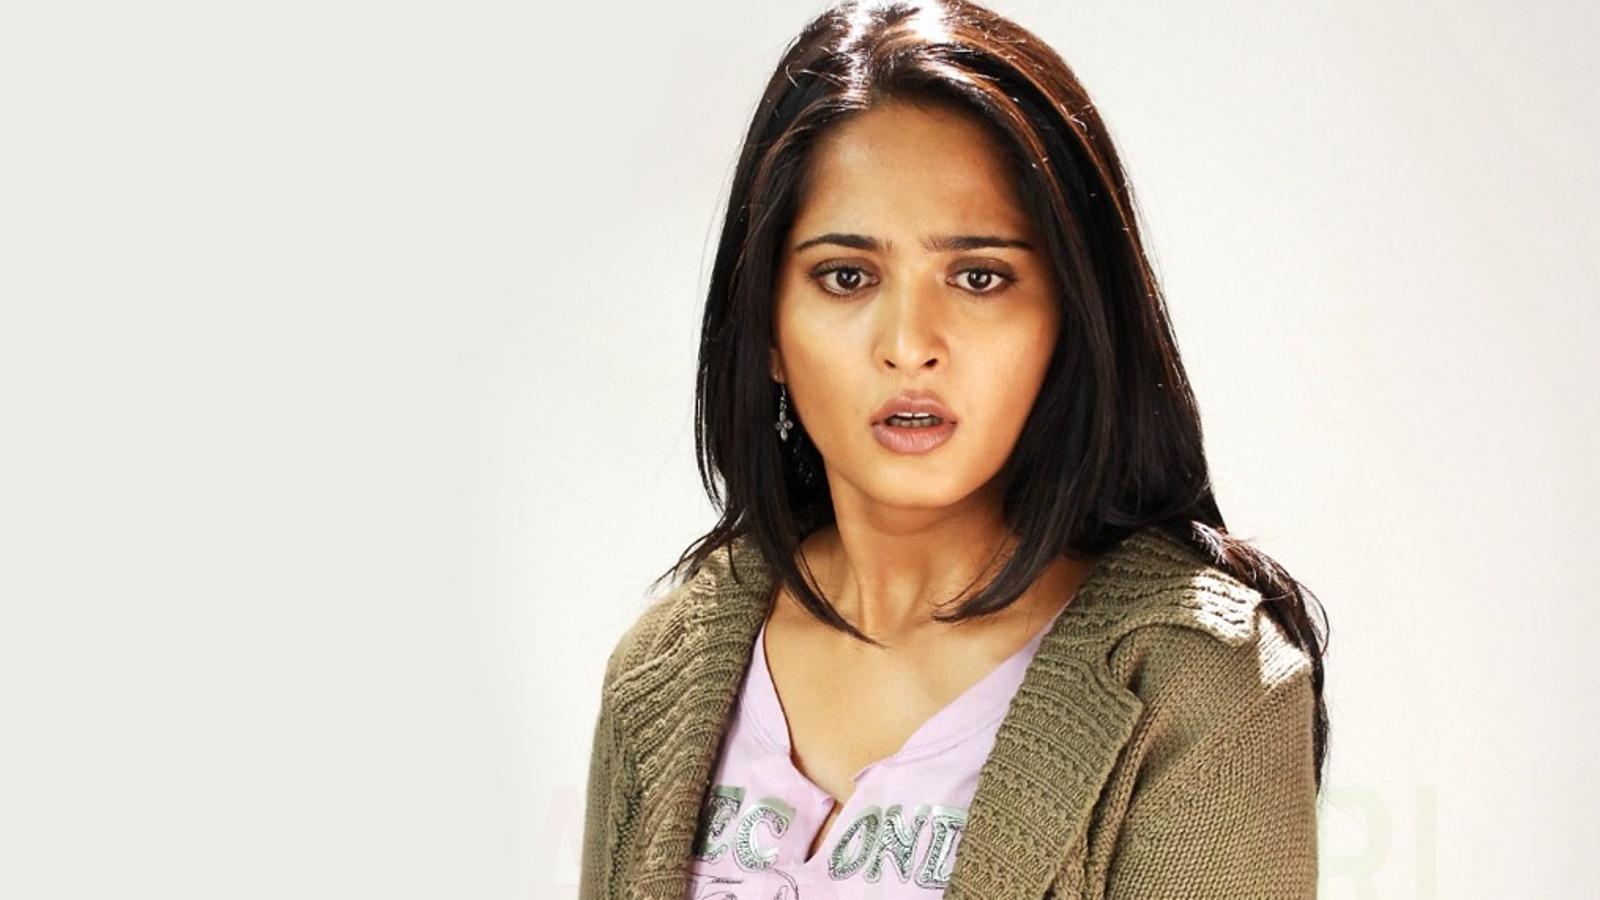 Mahi aunty 02 full length telugu movie ravi krishna silpa nisha - 4 1